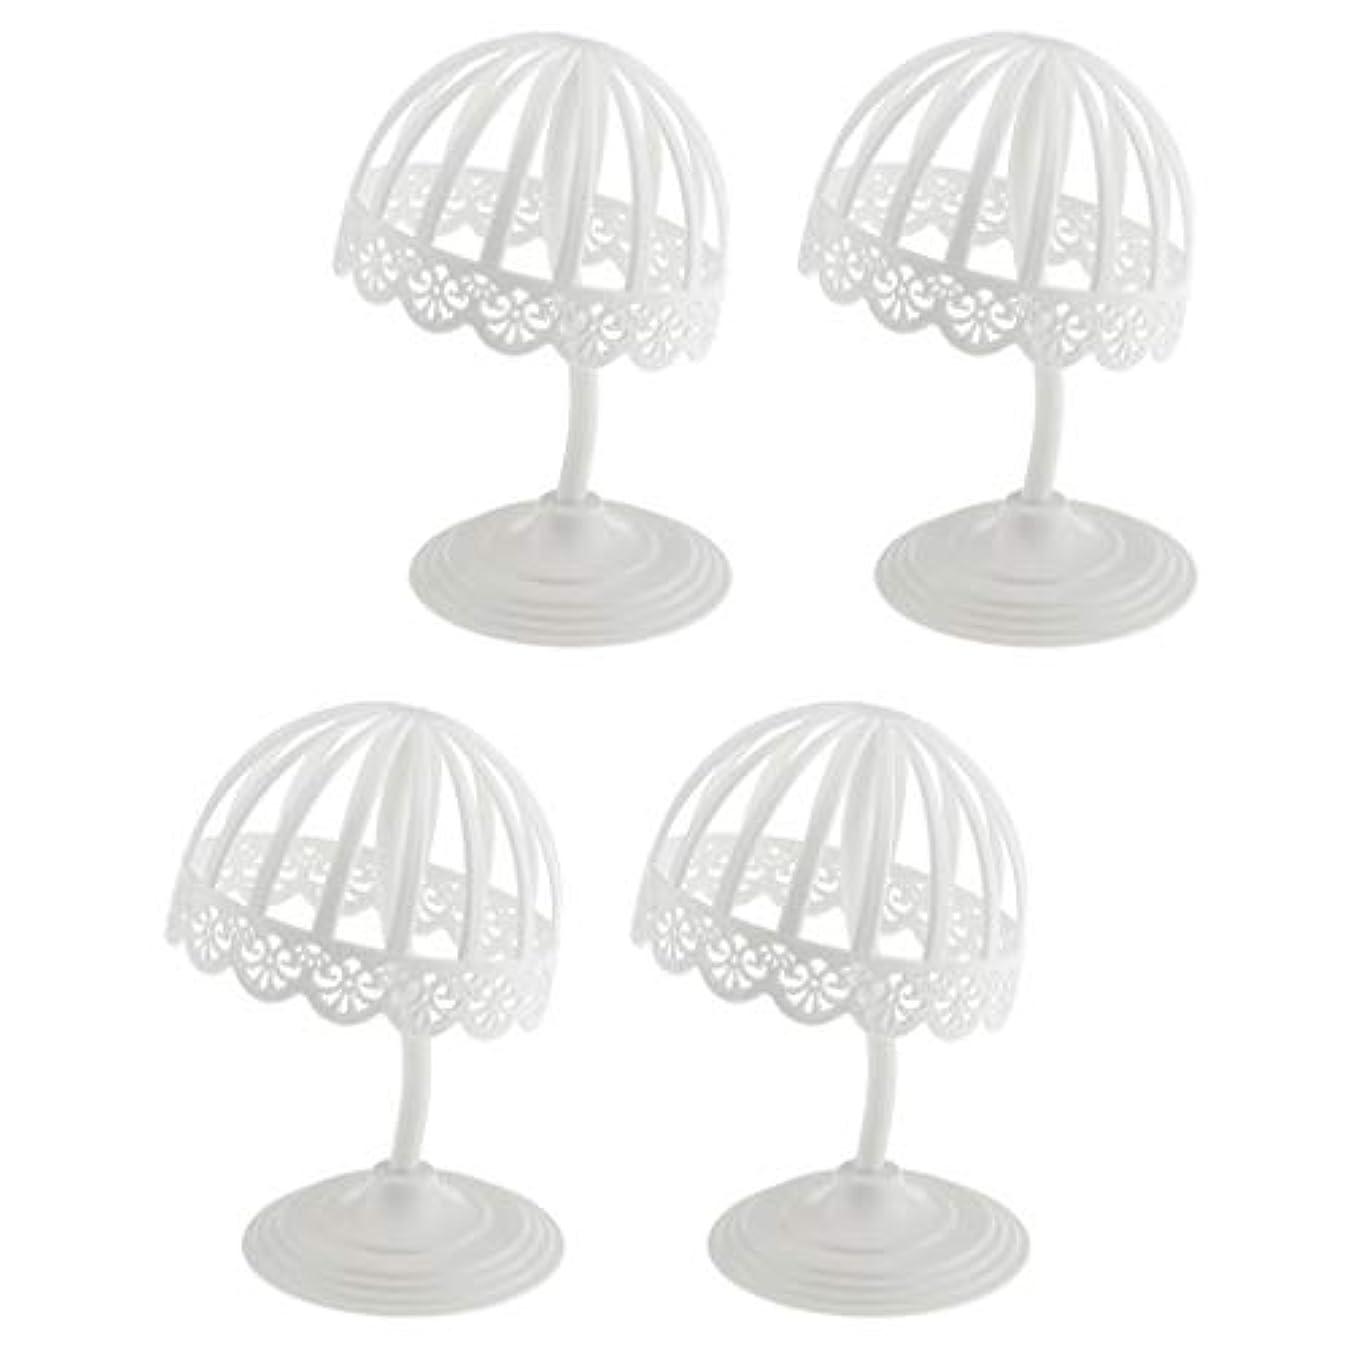 略すスムーズにコミュニティPerfeclan 4個セット ウィッグ スタンド 帽子 収納 ディスプレイ ホルダー プラスチック製 ホワイト